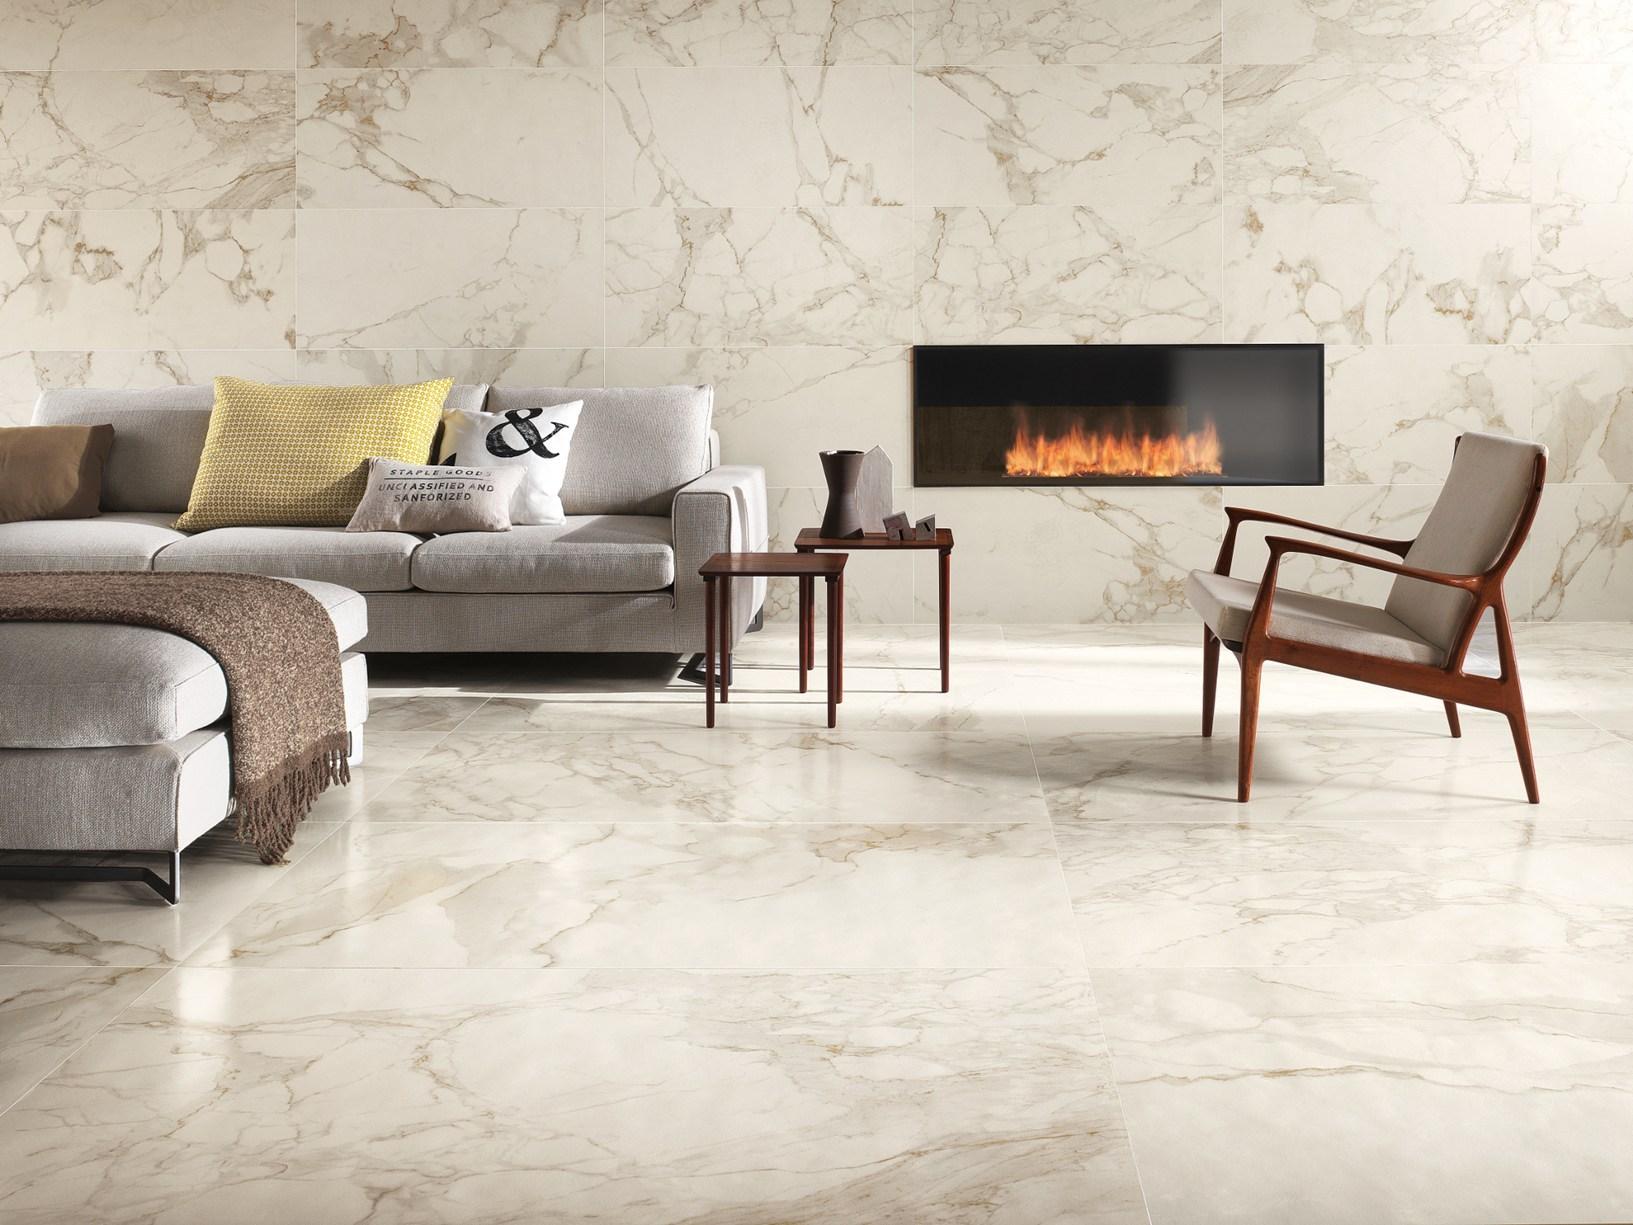 Gres porcellanato effetto marmo - Piastrelle effetto marmo ...